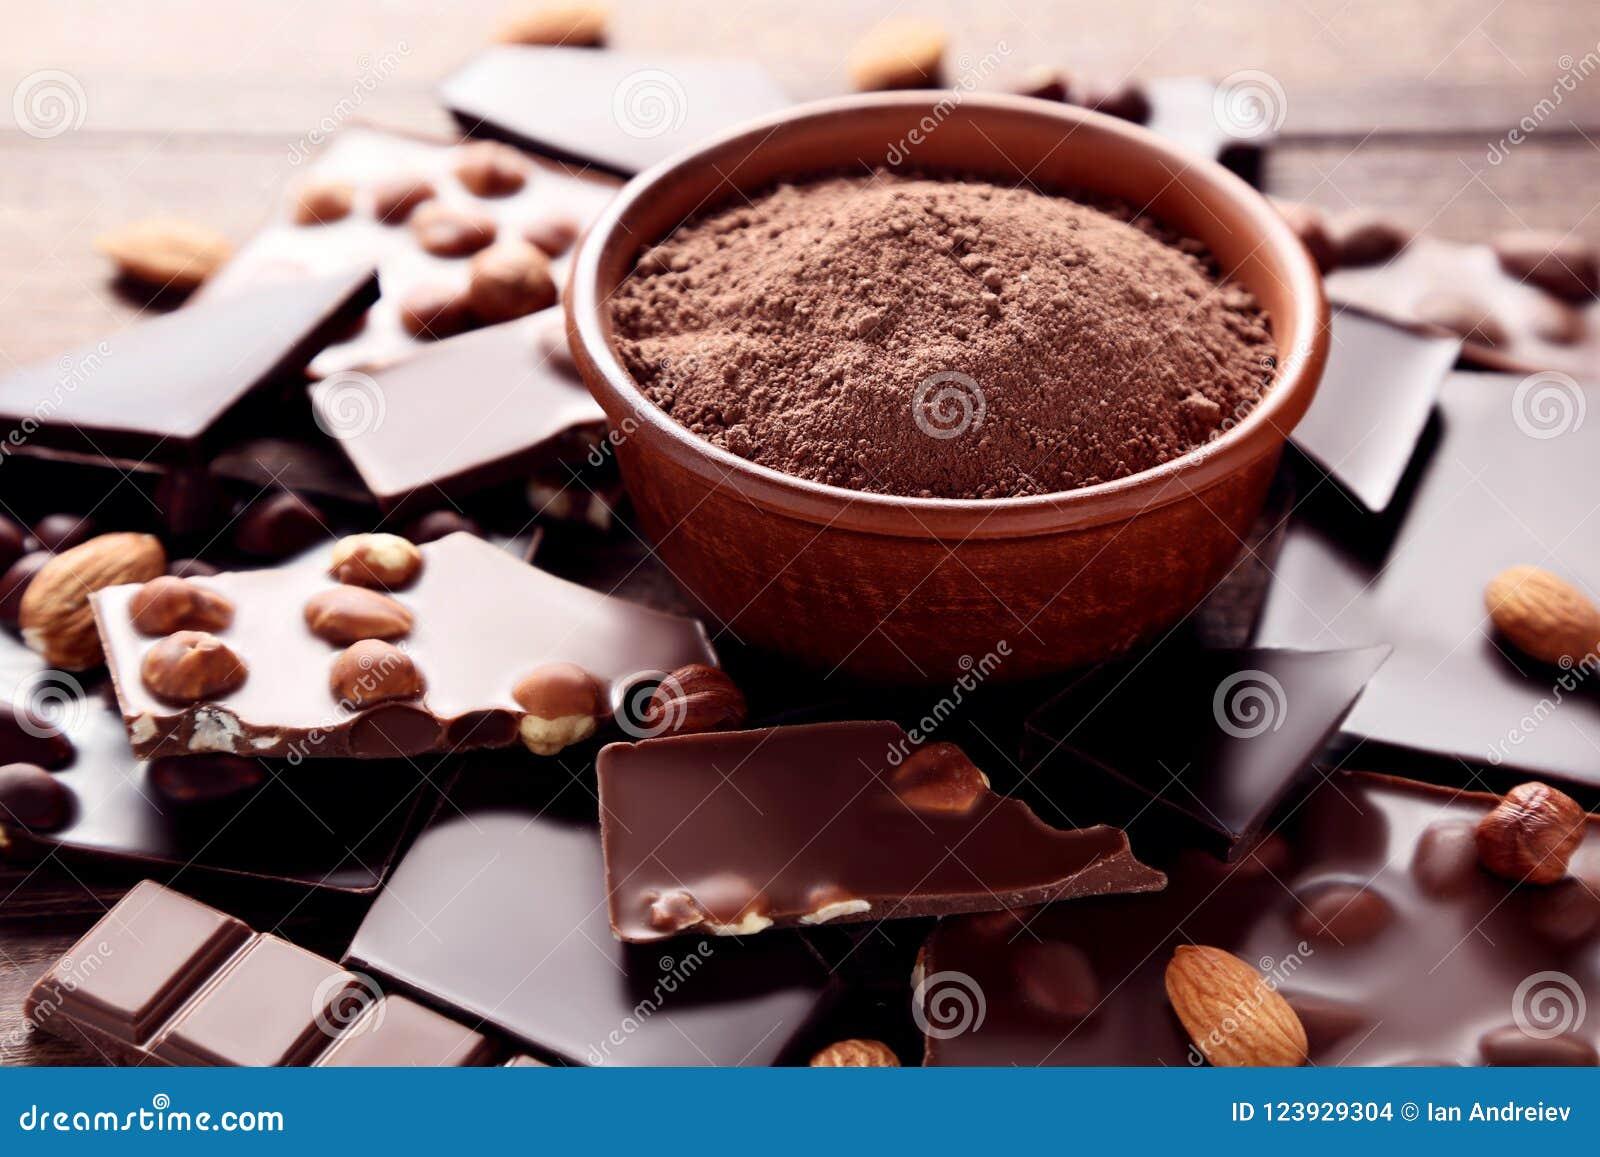 Choklad med kakaopulver